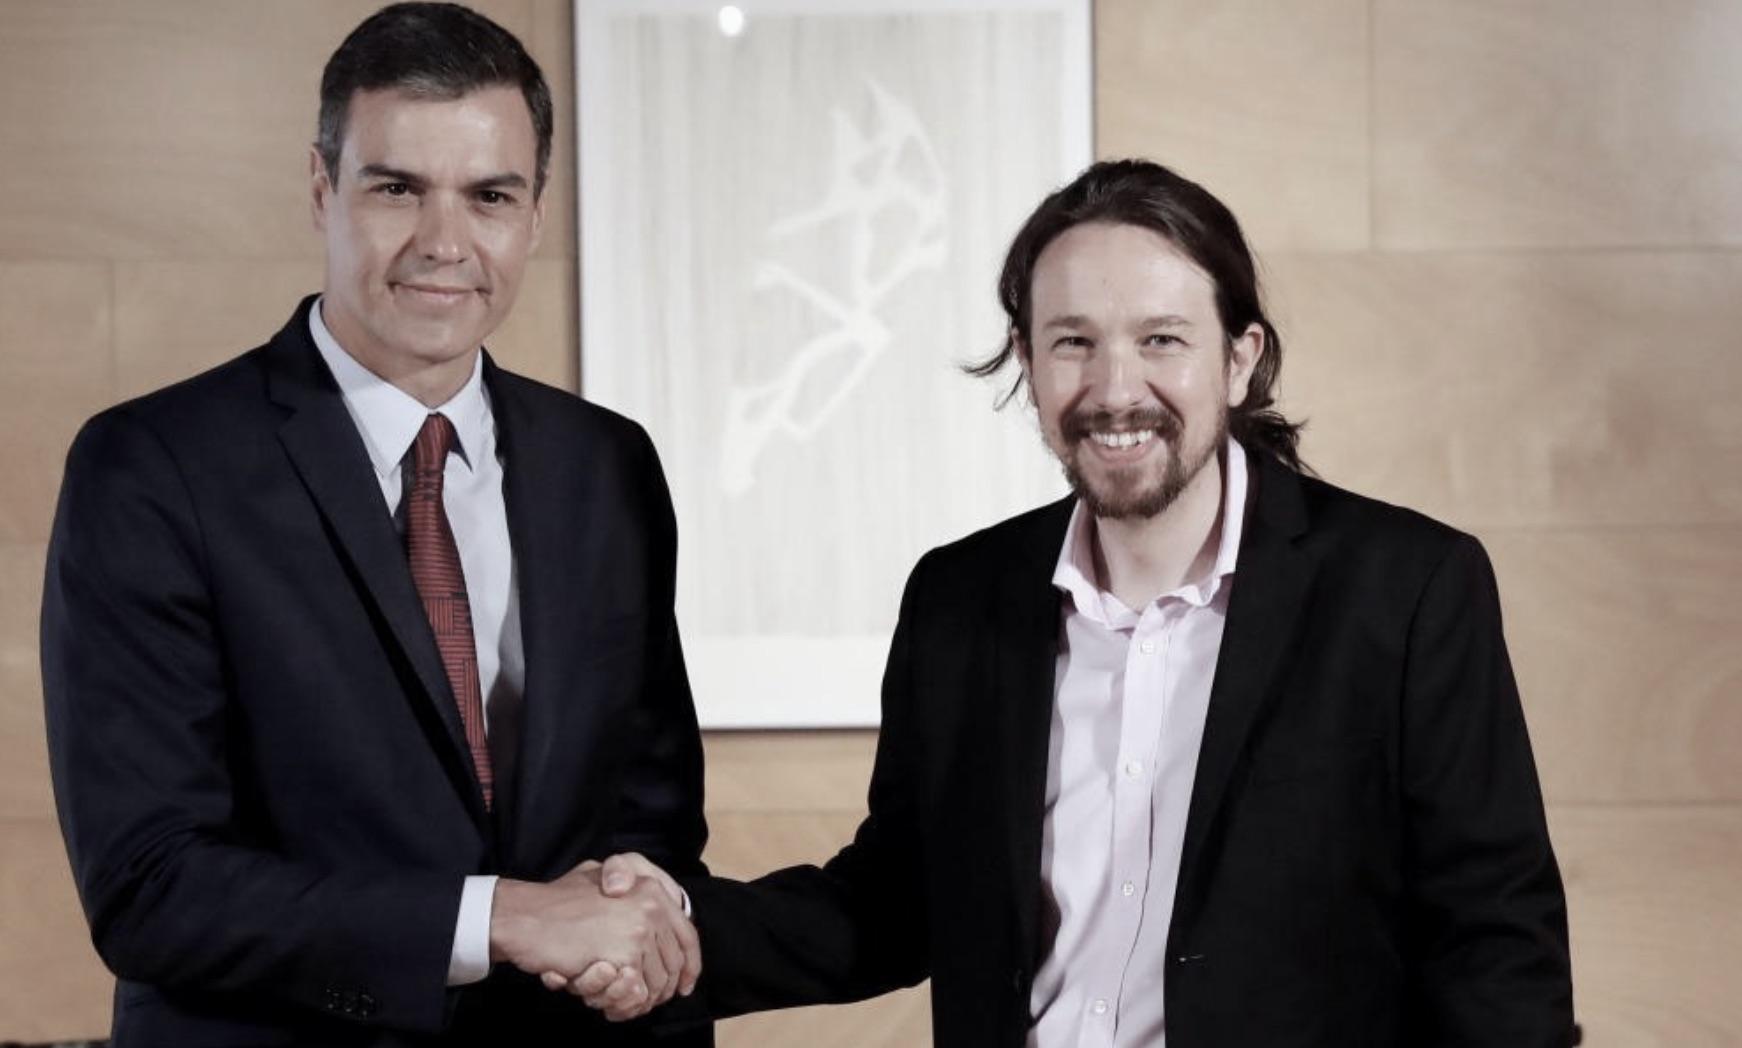 España, Pedro Sánchez y Pablo Iglesias, Unidas Podemos, Pandemia, Cuarentena